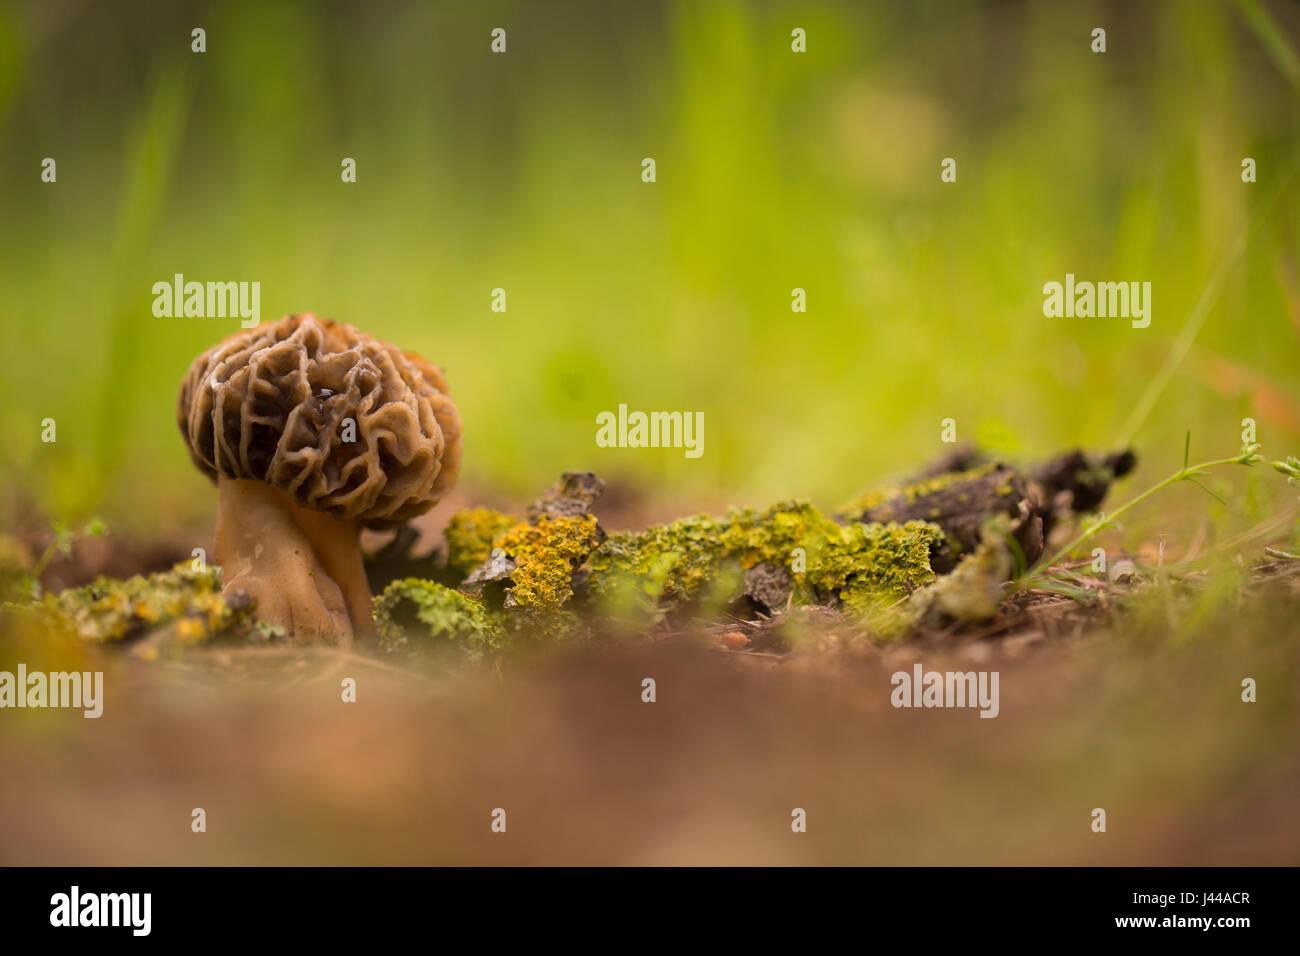 Morel de setas (Morchella conica) creciendo en el suelo. Las setas son los cuerpos de fructificación de este hongo y puede alcanzar varios centímetros de altura. Foto de stock